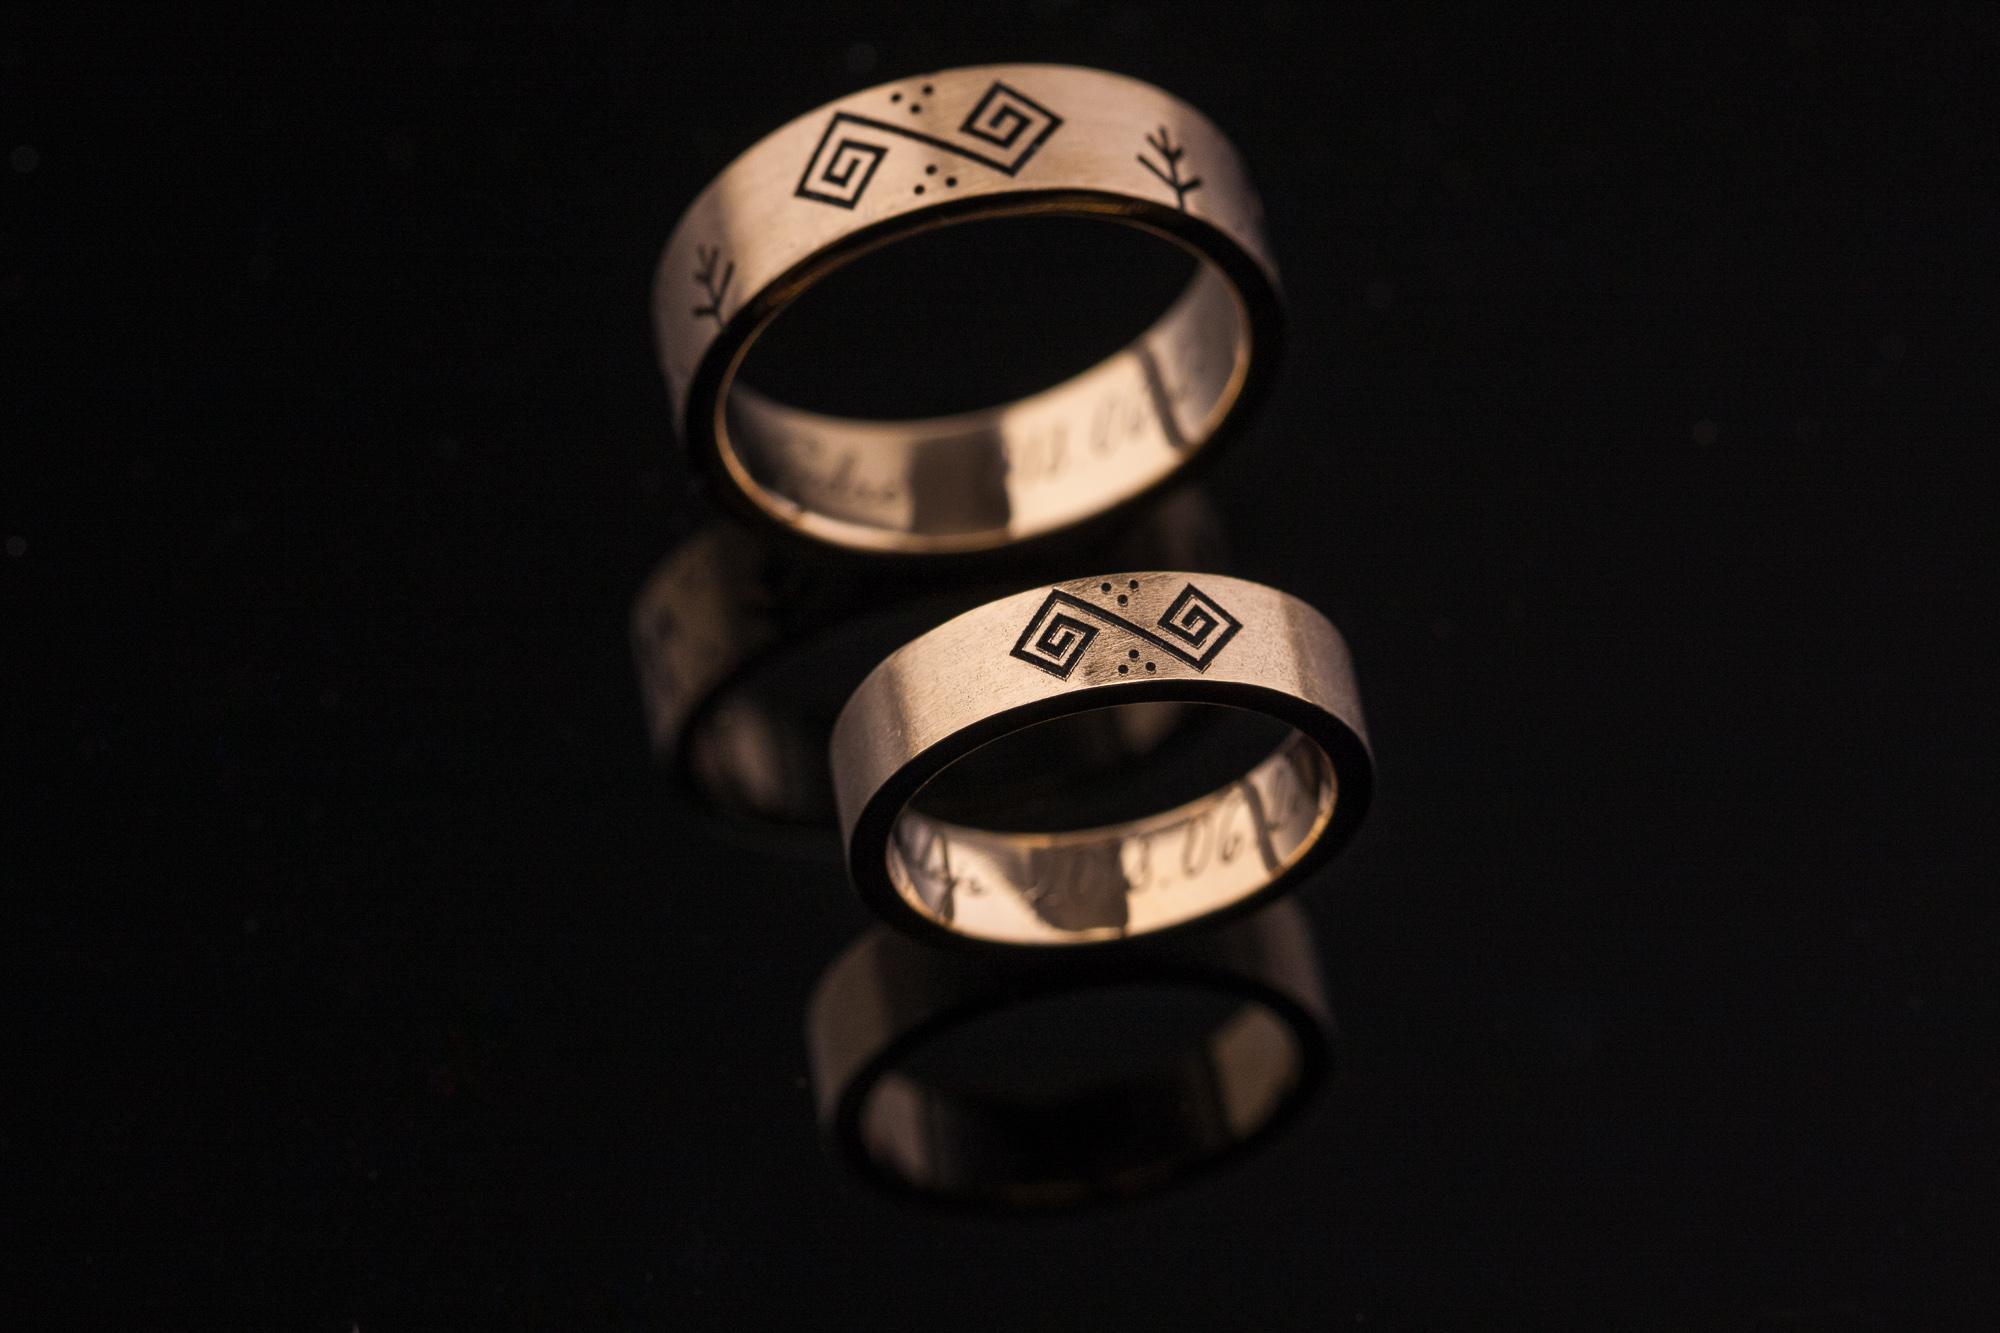 vienetiniai graviruoti vestuviniai žiedai su baltų simboliais.